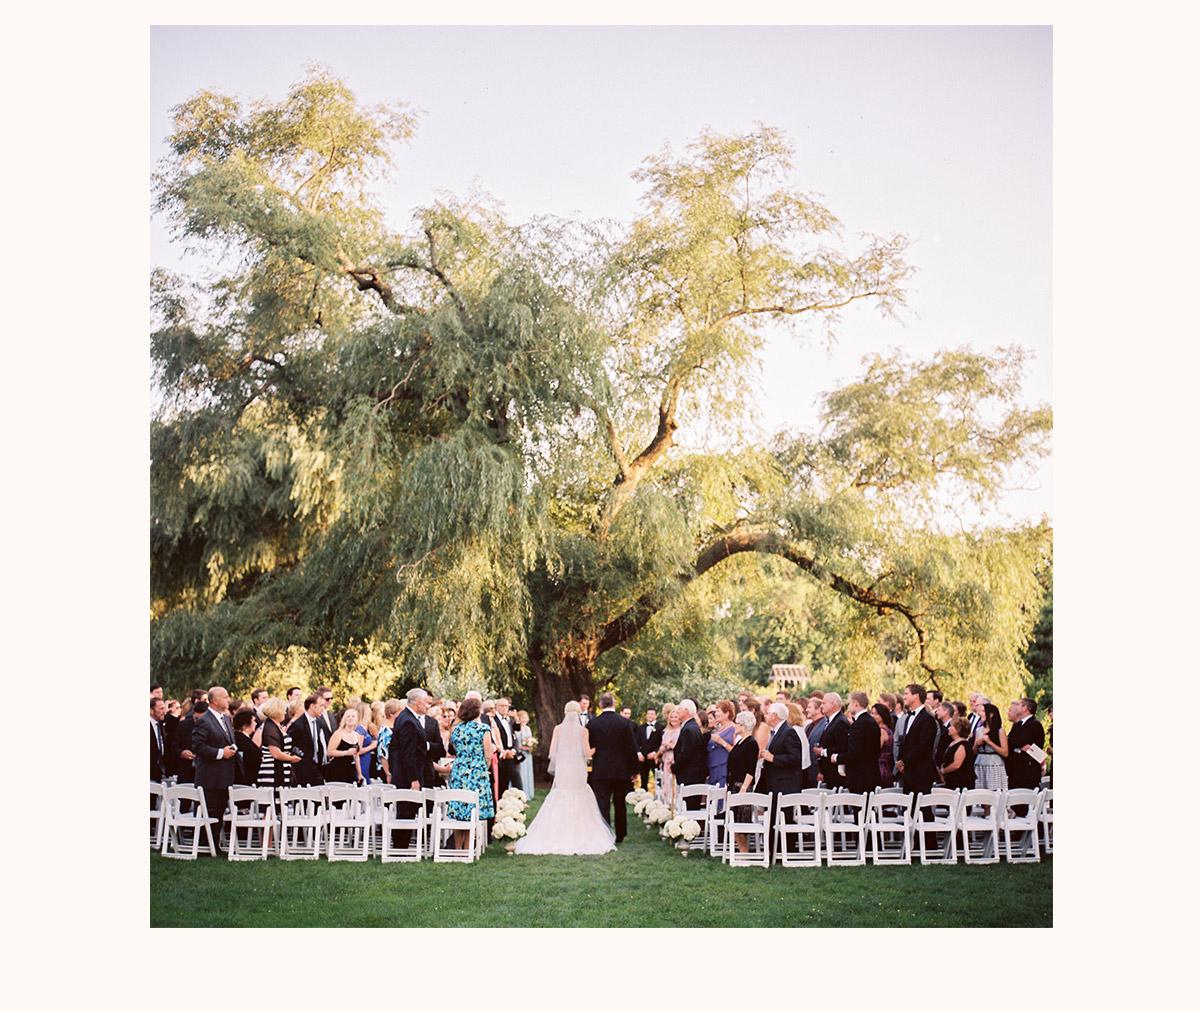 Brooklyn Botanical Gardens Wedding Photographer 15 - BROOKLYN BOTANICAL GARDEN WEDDING PHOTOGRAPHY